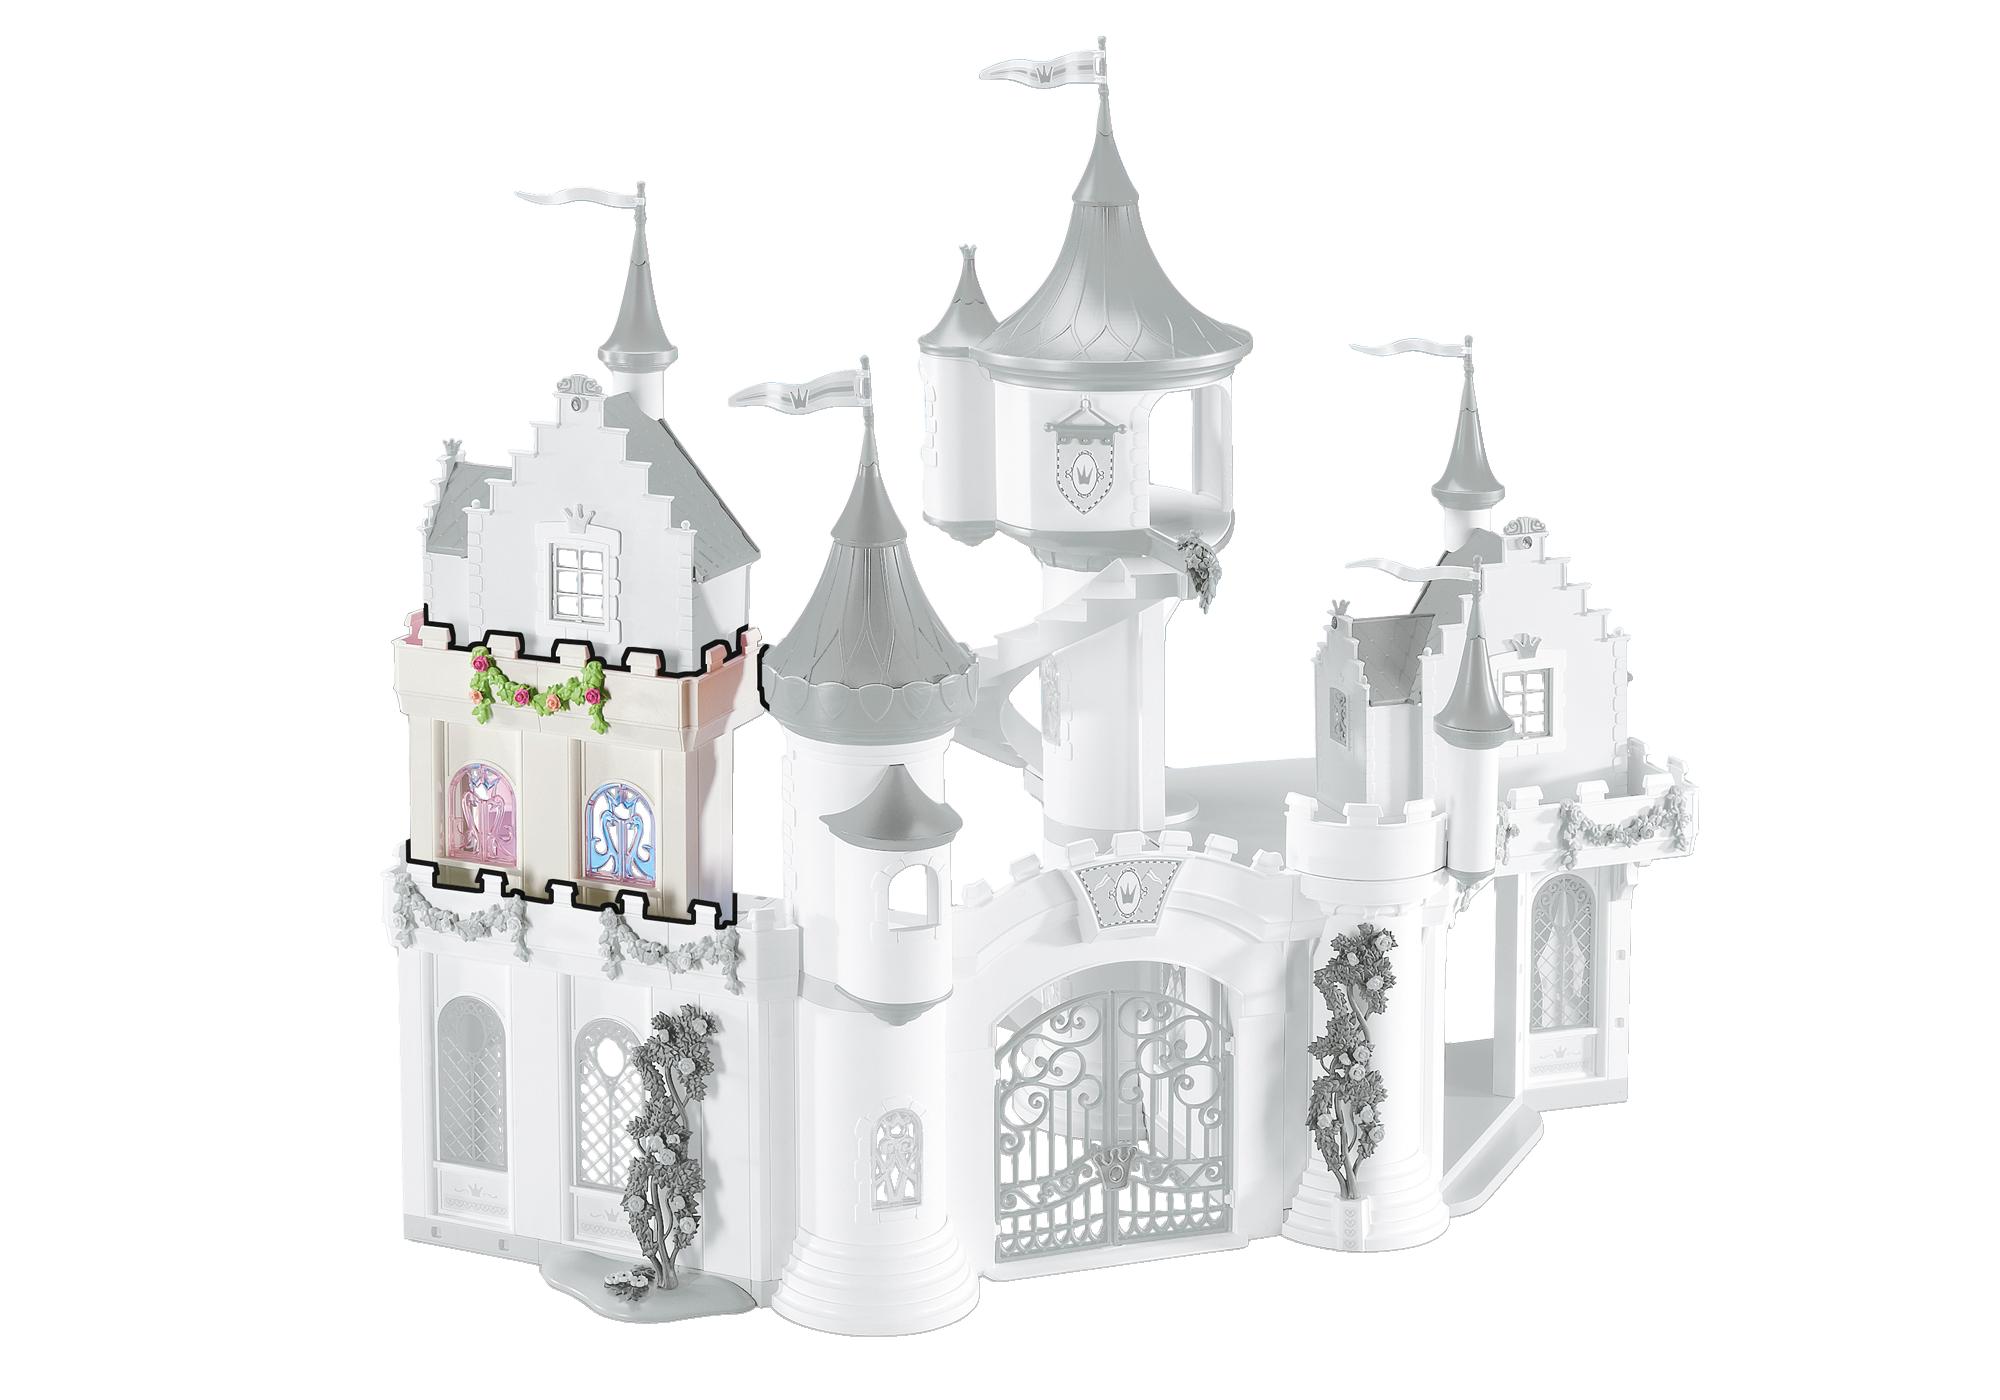 Muret d'extension pour le Grand Château de Princesse